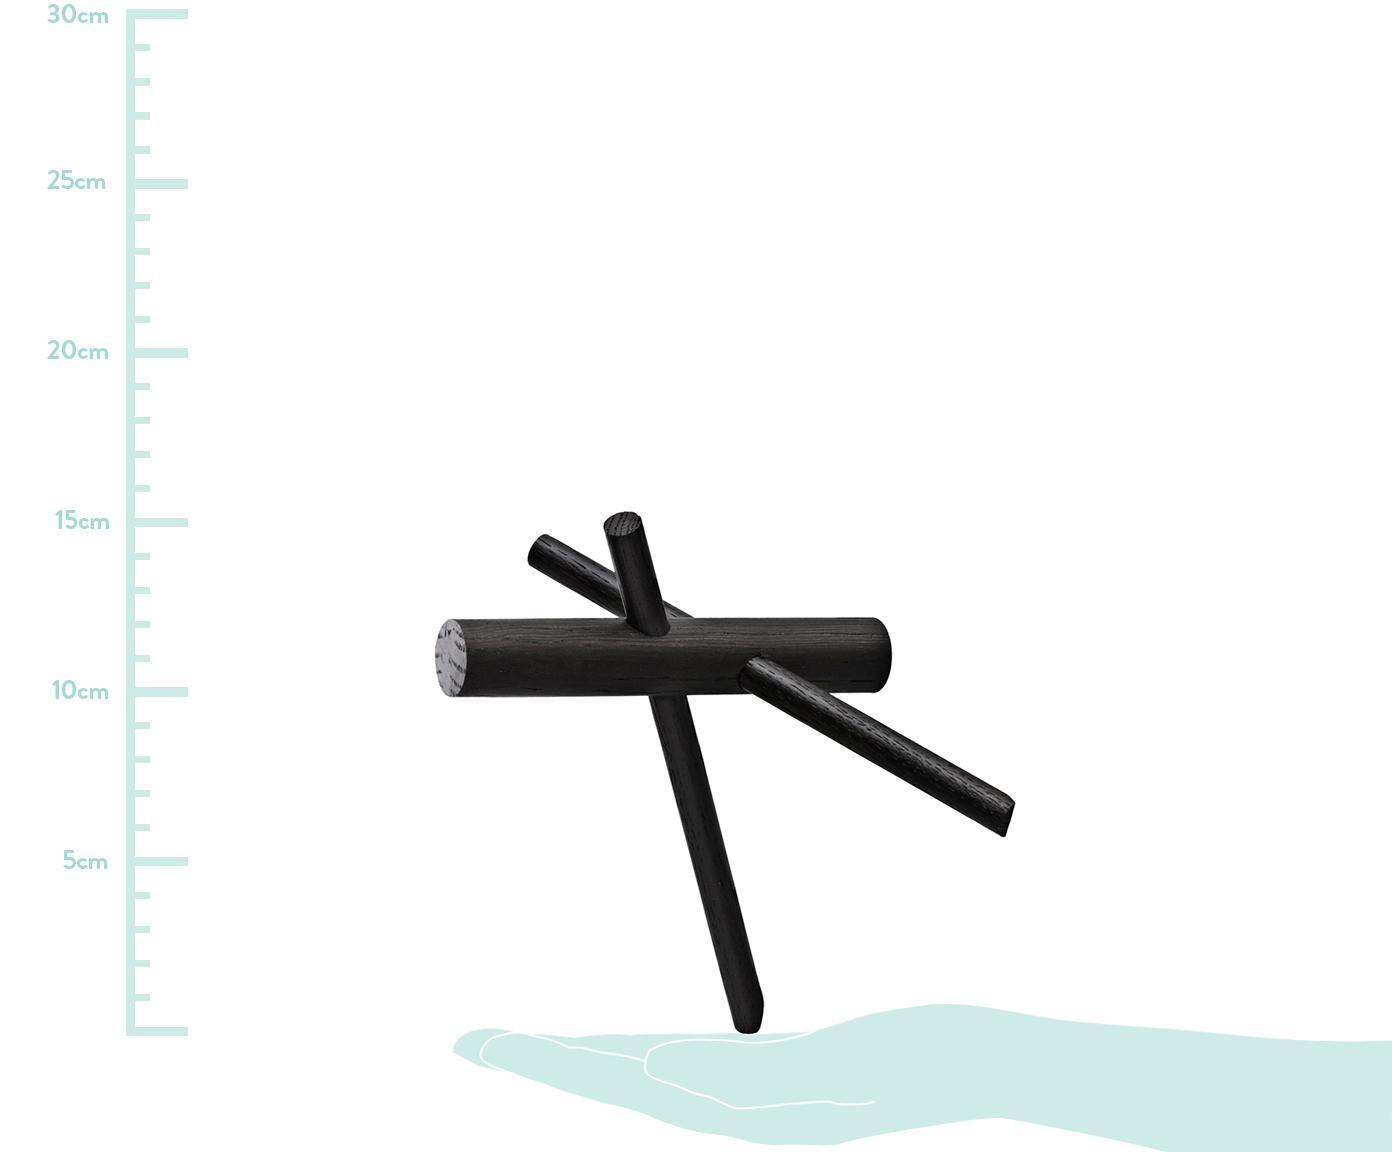 Wandhaken Sticks, 2 stuks, Eikenhout, Zwart, 16 x 15 cm